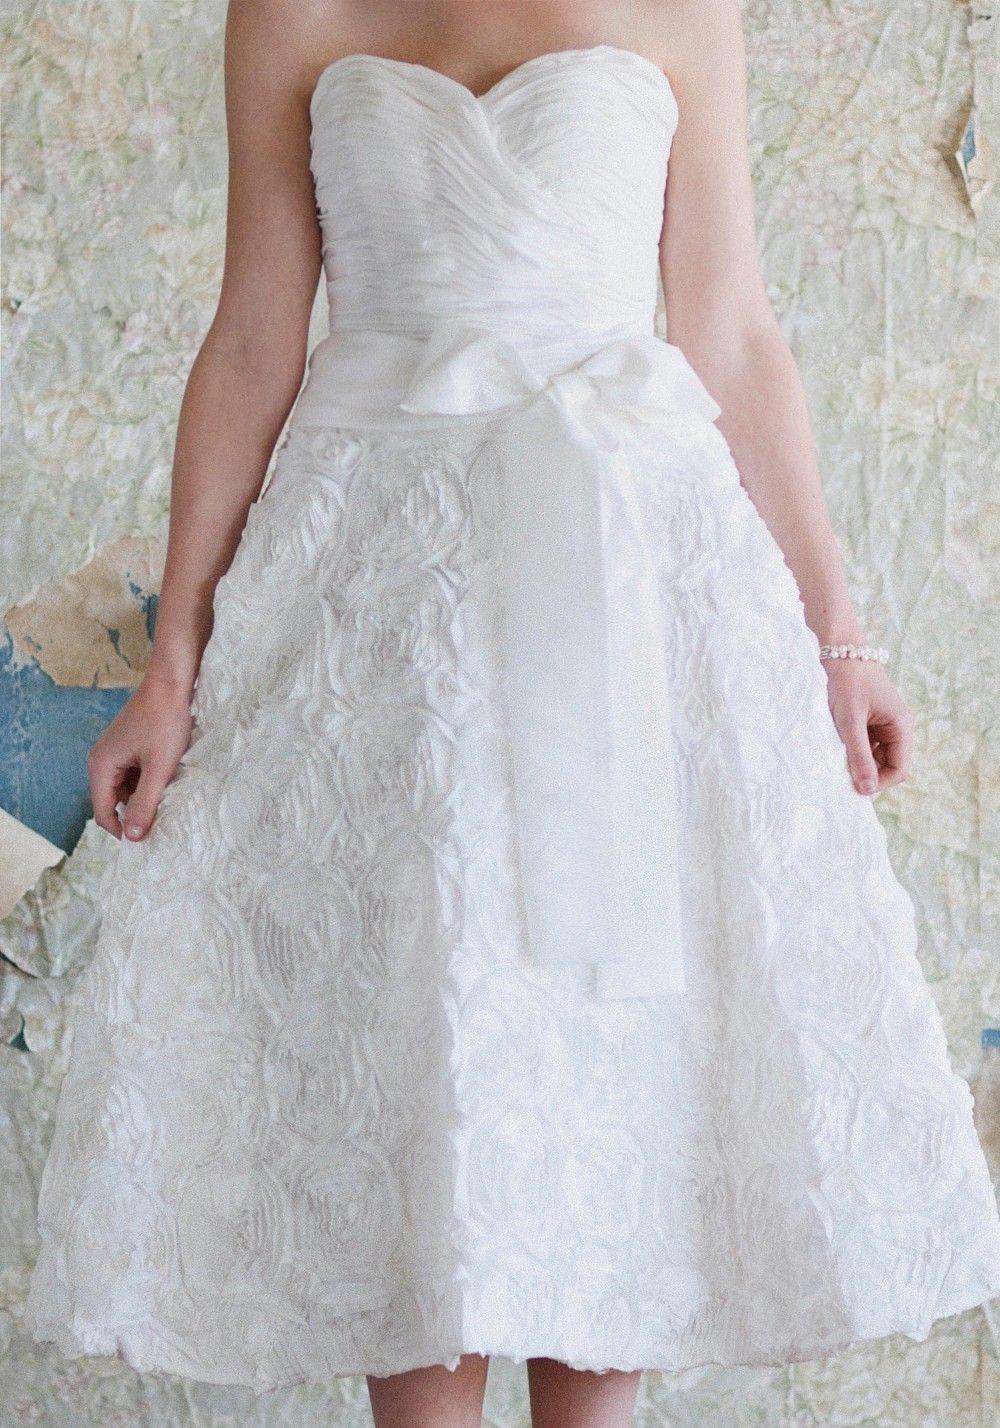 Wedding dresses tea length  Charlotte Rosette Wedding Dress  Tea Length Bridal Dresses And